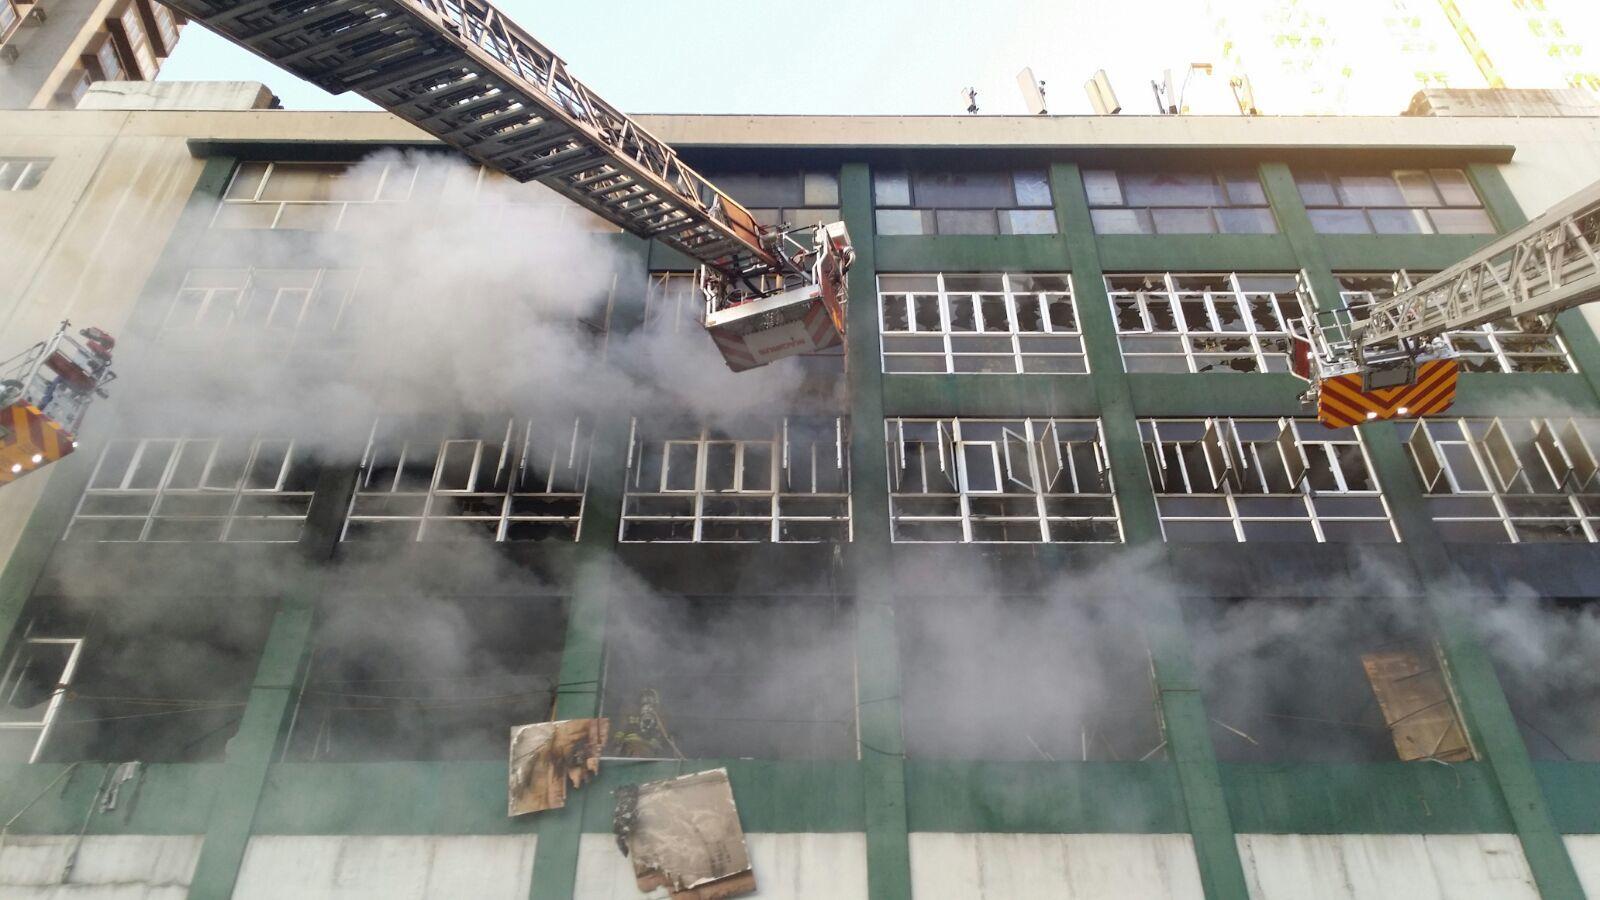 淘大工業村迷你倉四級火在焚燒60小時後仍未被撲熄,現場仍不斷冒出濃煙。(宋祥龍/大紀元)